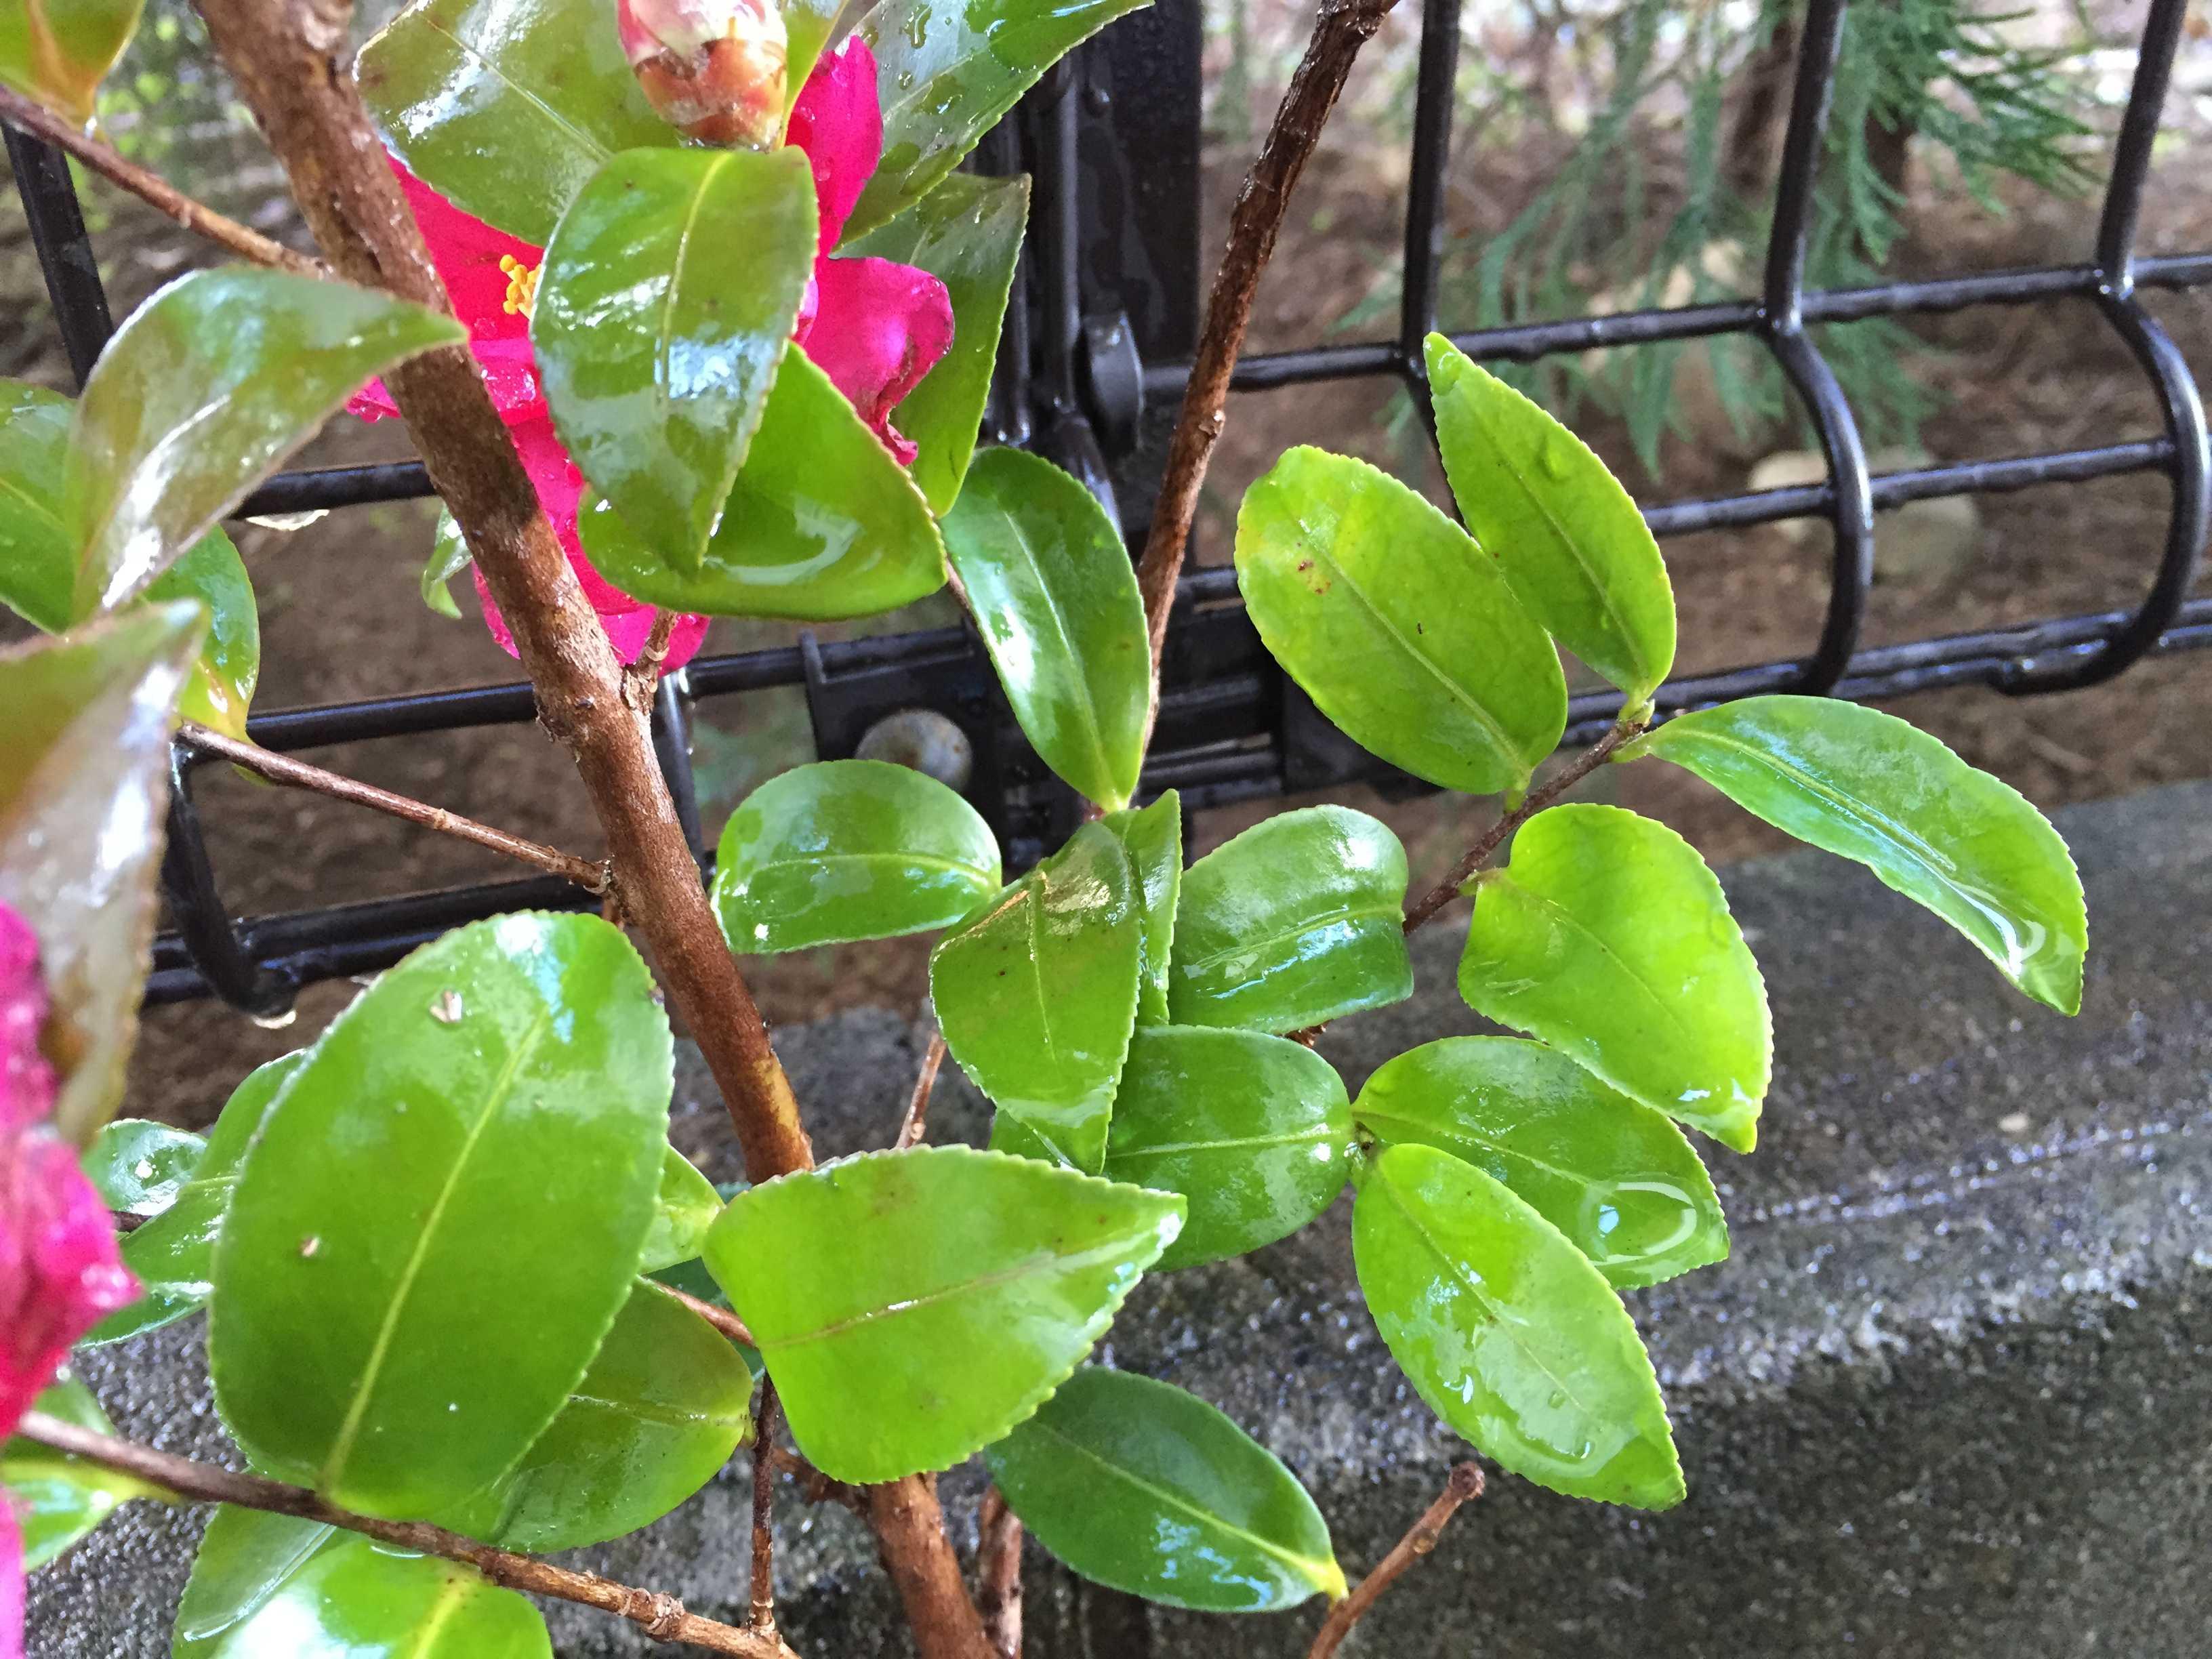 タチカンカンツバキ(立寒椿)の葉っぱ